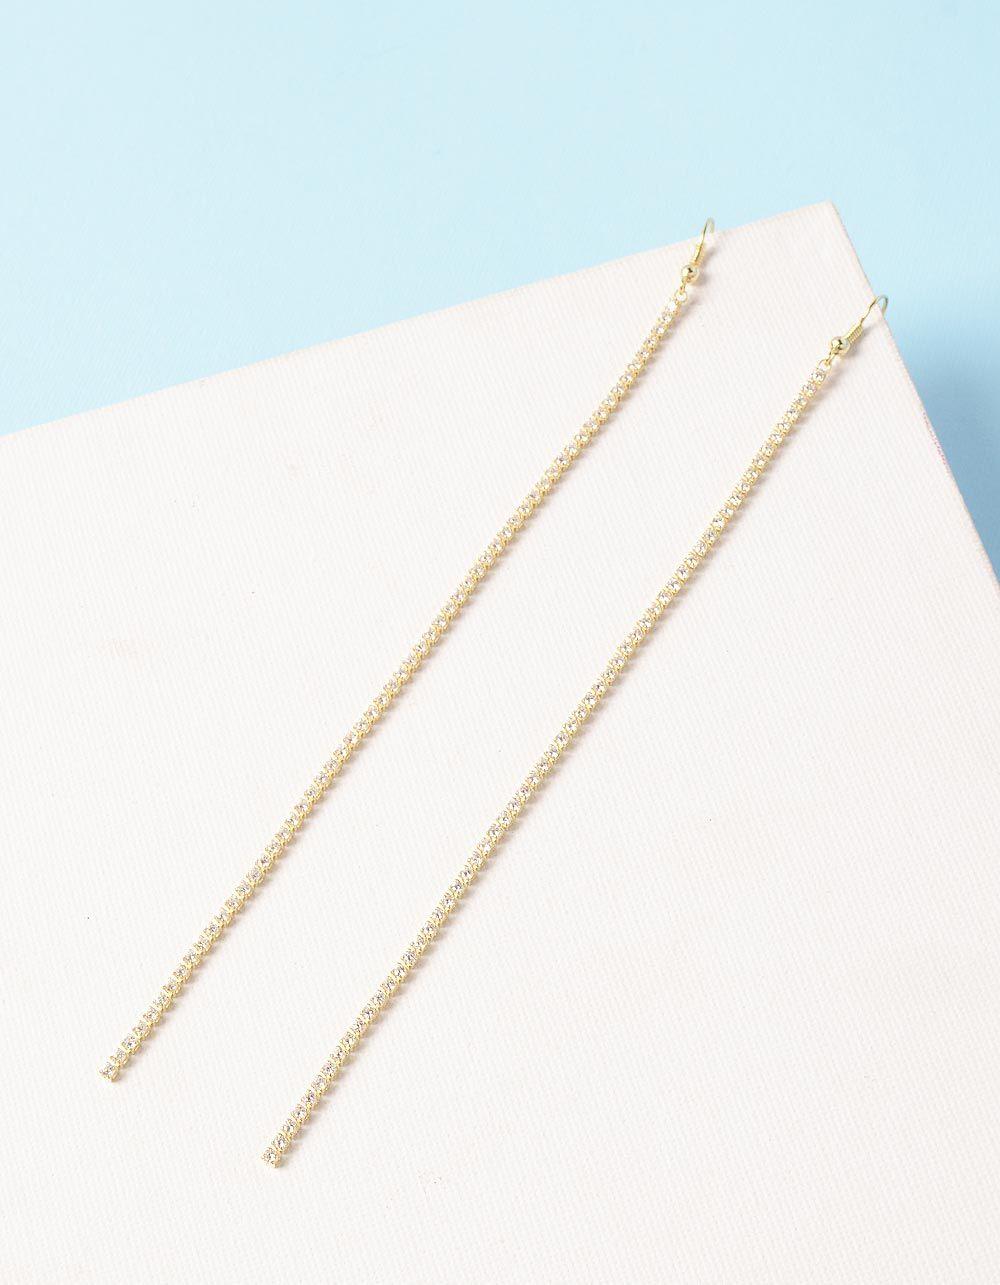 Сережки довгі з камінцями | 235328-08-XX